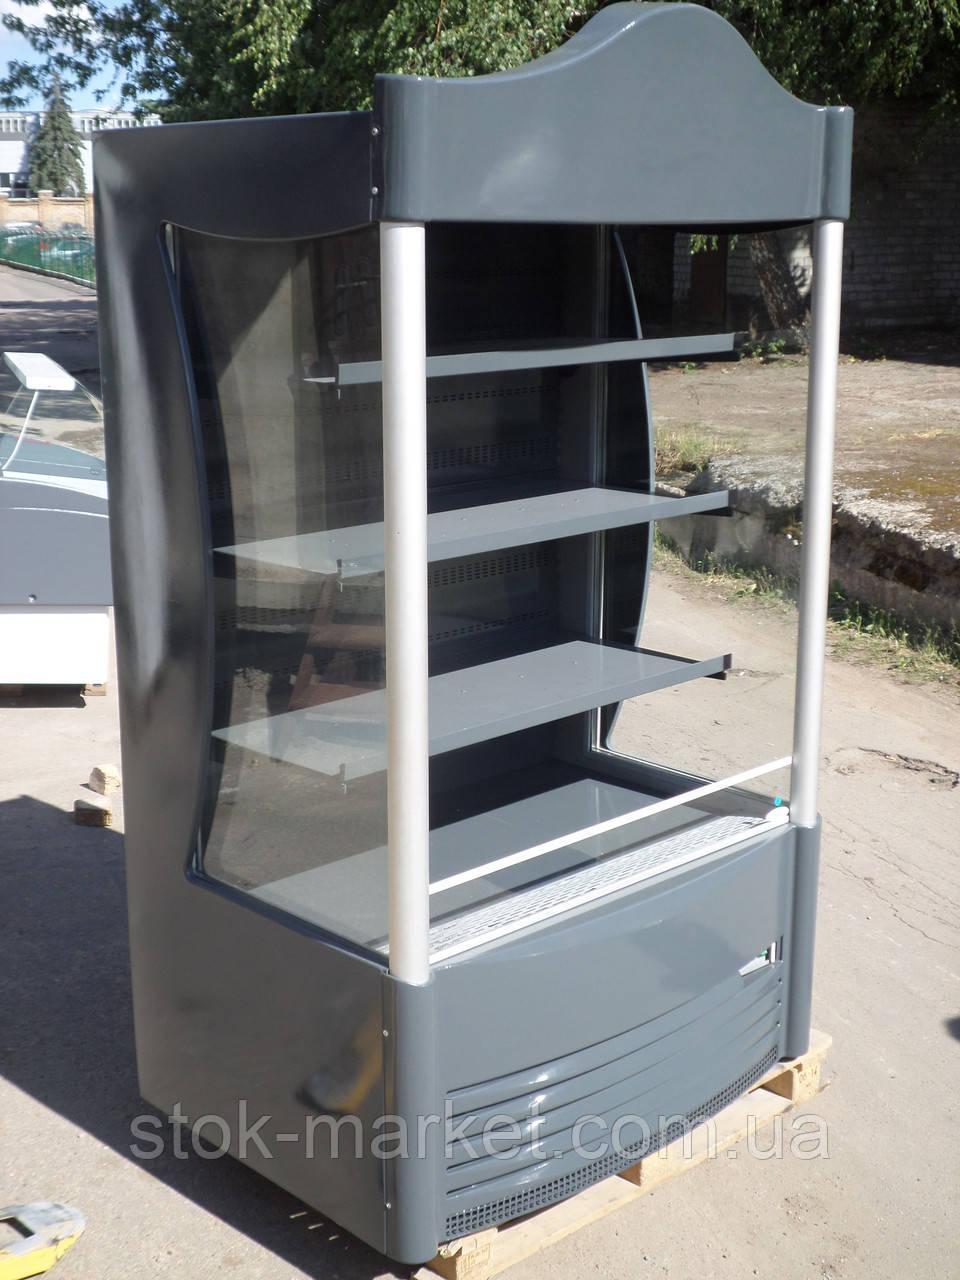 Холодильная горка Seg opxl-p б/у, холодильный регал б у, холодильная горка для фруктов и овощей, холодильный с